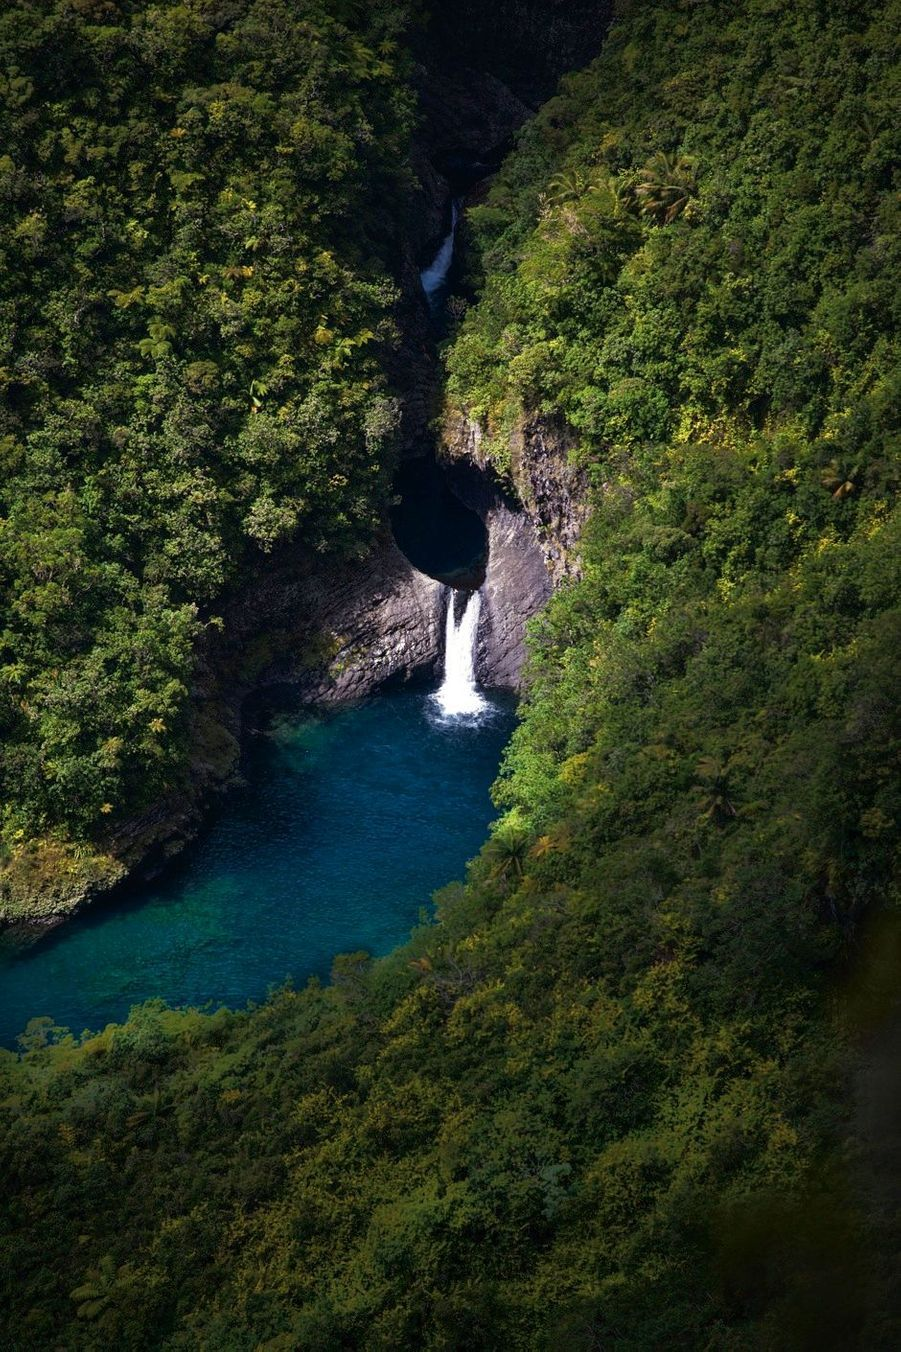 La cascade de Takamaka, au belvédère de la rivière des Marsouins.